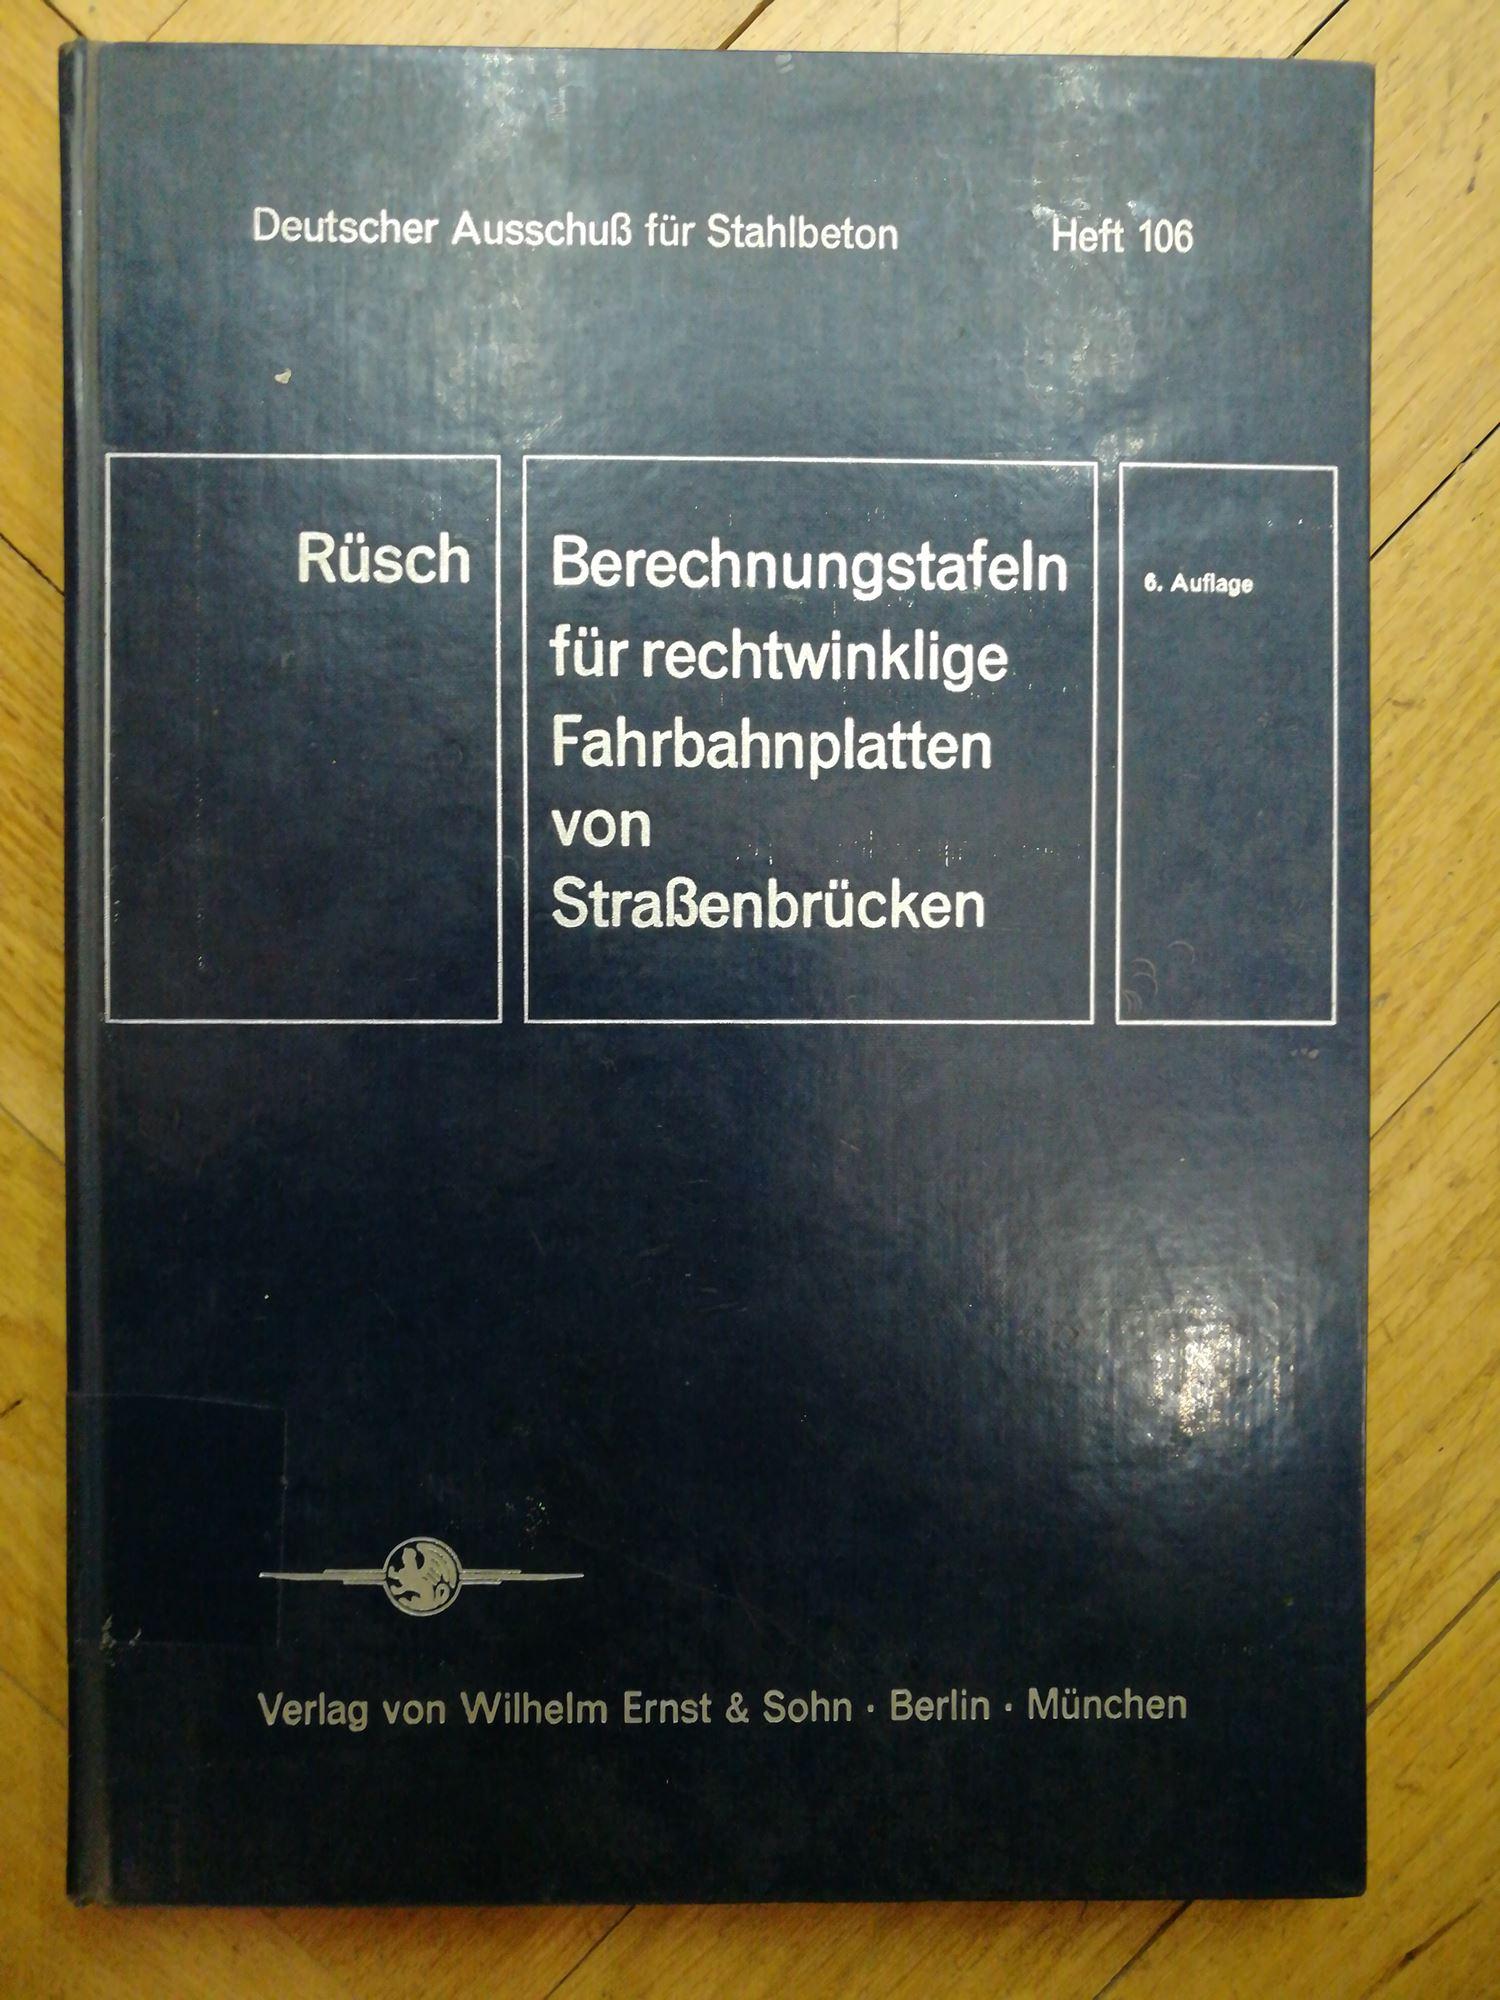 Berechnungstafeln für rechtwinkelige Fahrbahnplatten von Straßenbrücken: Rüsch, Hubert